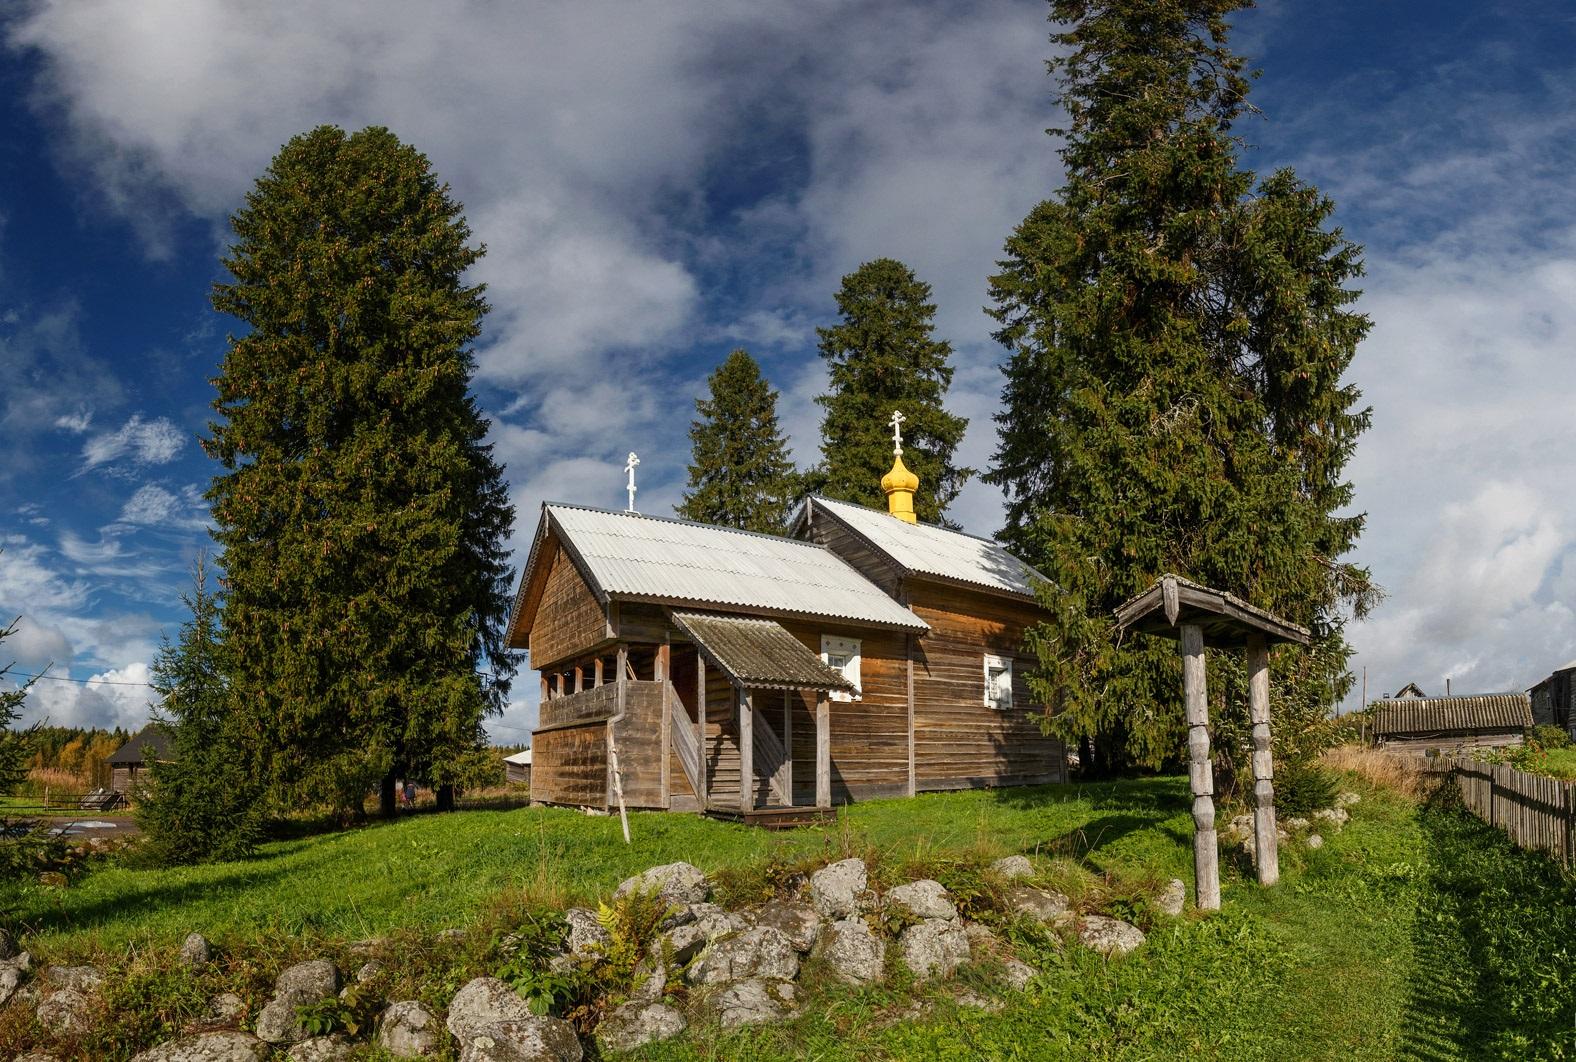 11 3 - As 10 aldeias mais bonitas da Rússia